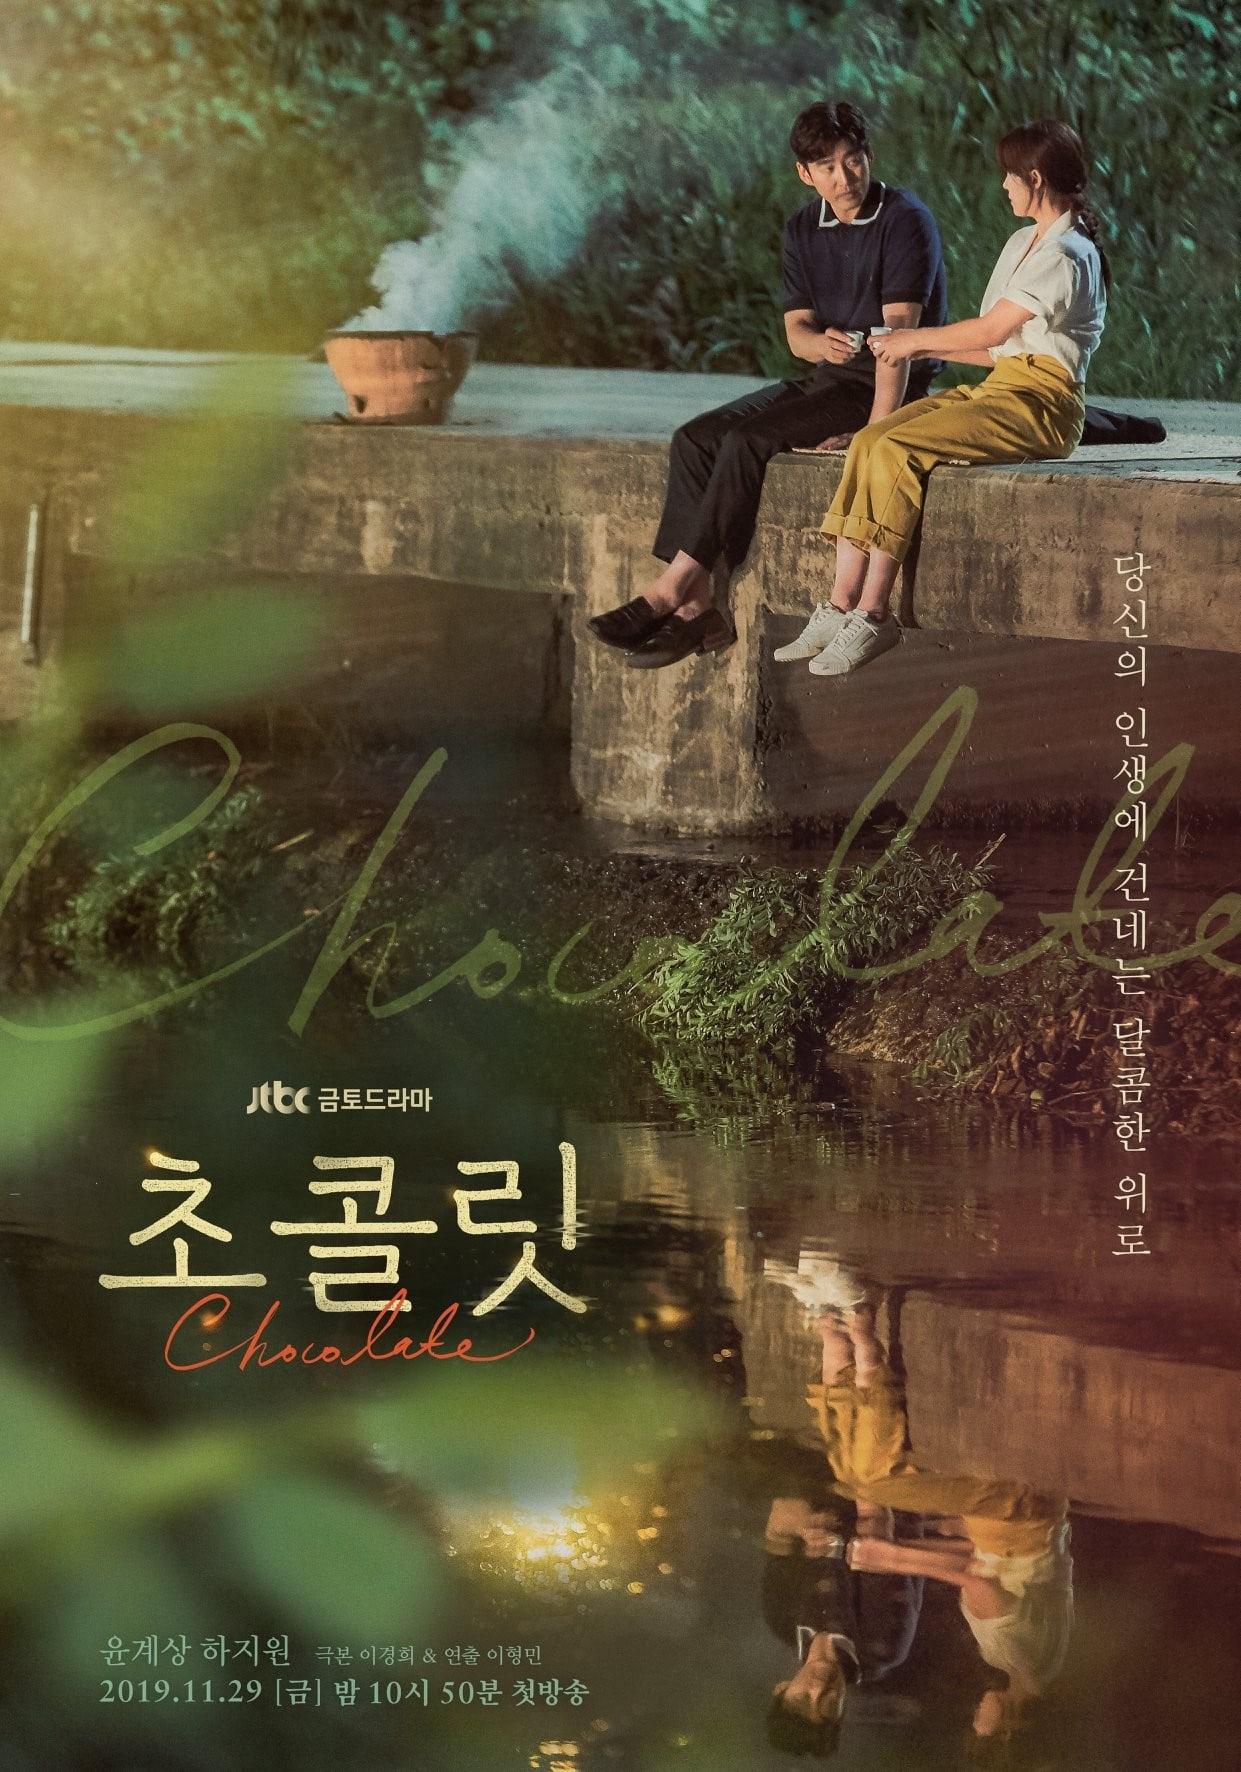 Chocolate Drama Korea (2019) : Sinopsis dan Review | Diani Opiari